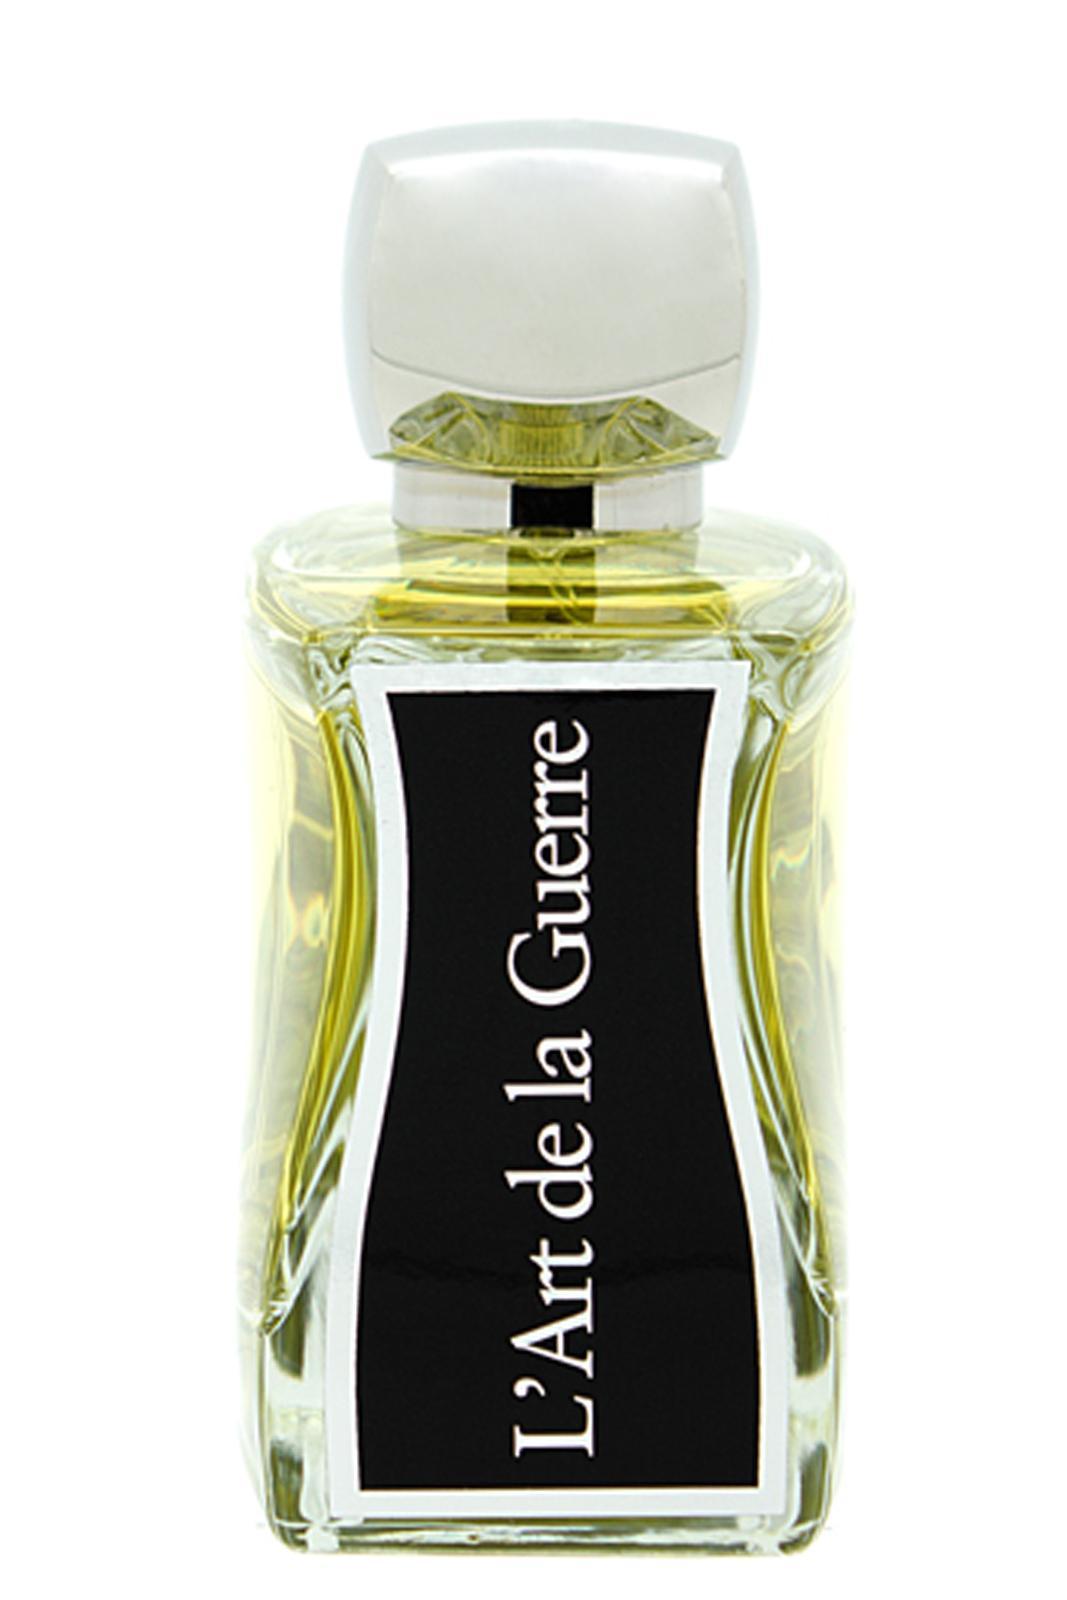 Jovoy Paris L Art De La Guerre Perfume Eau De Parfum 100 ml In Yellow